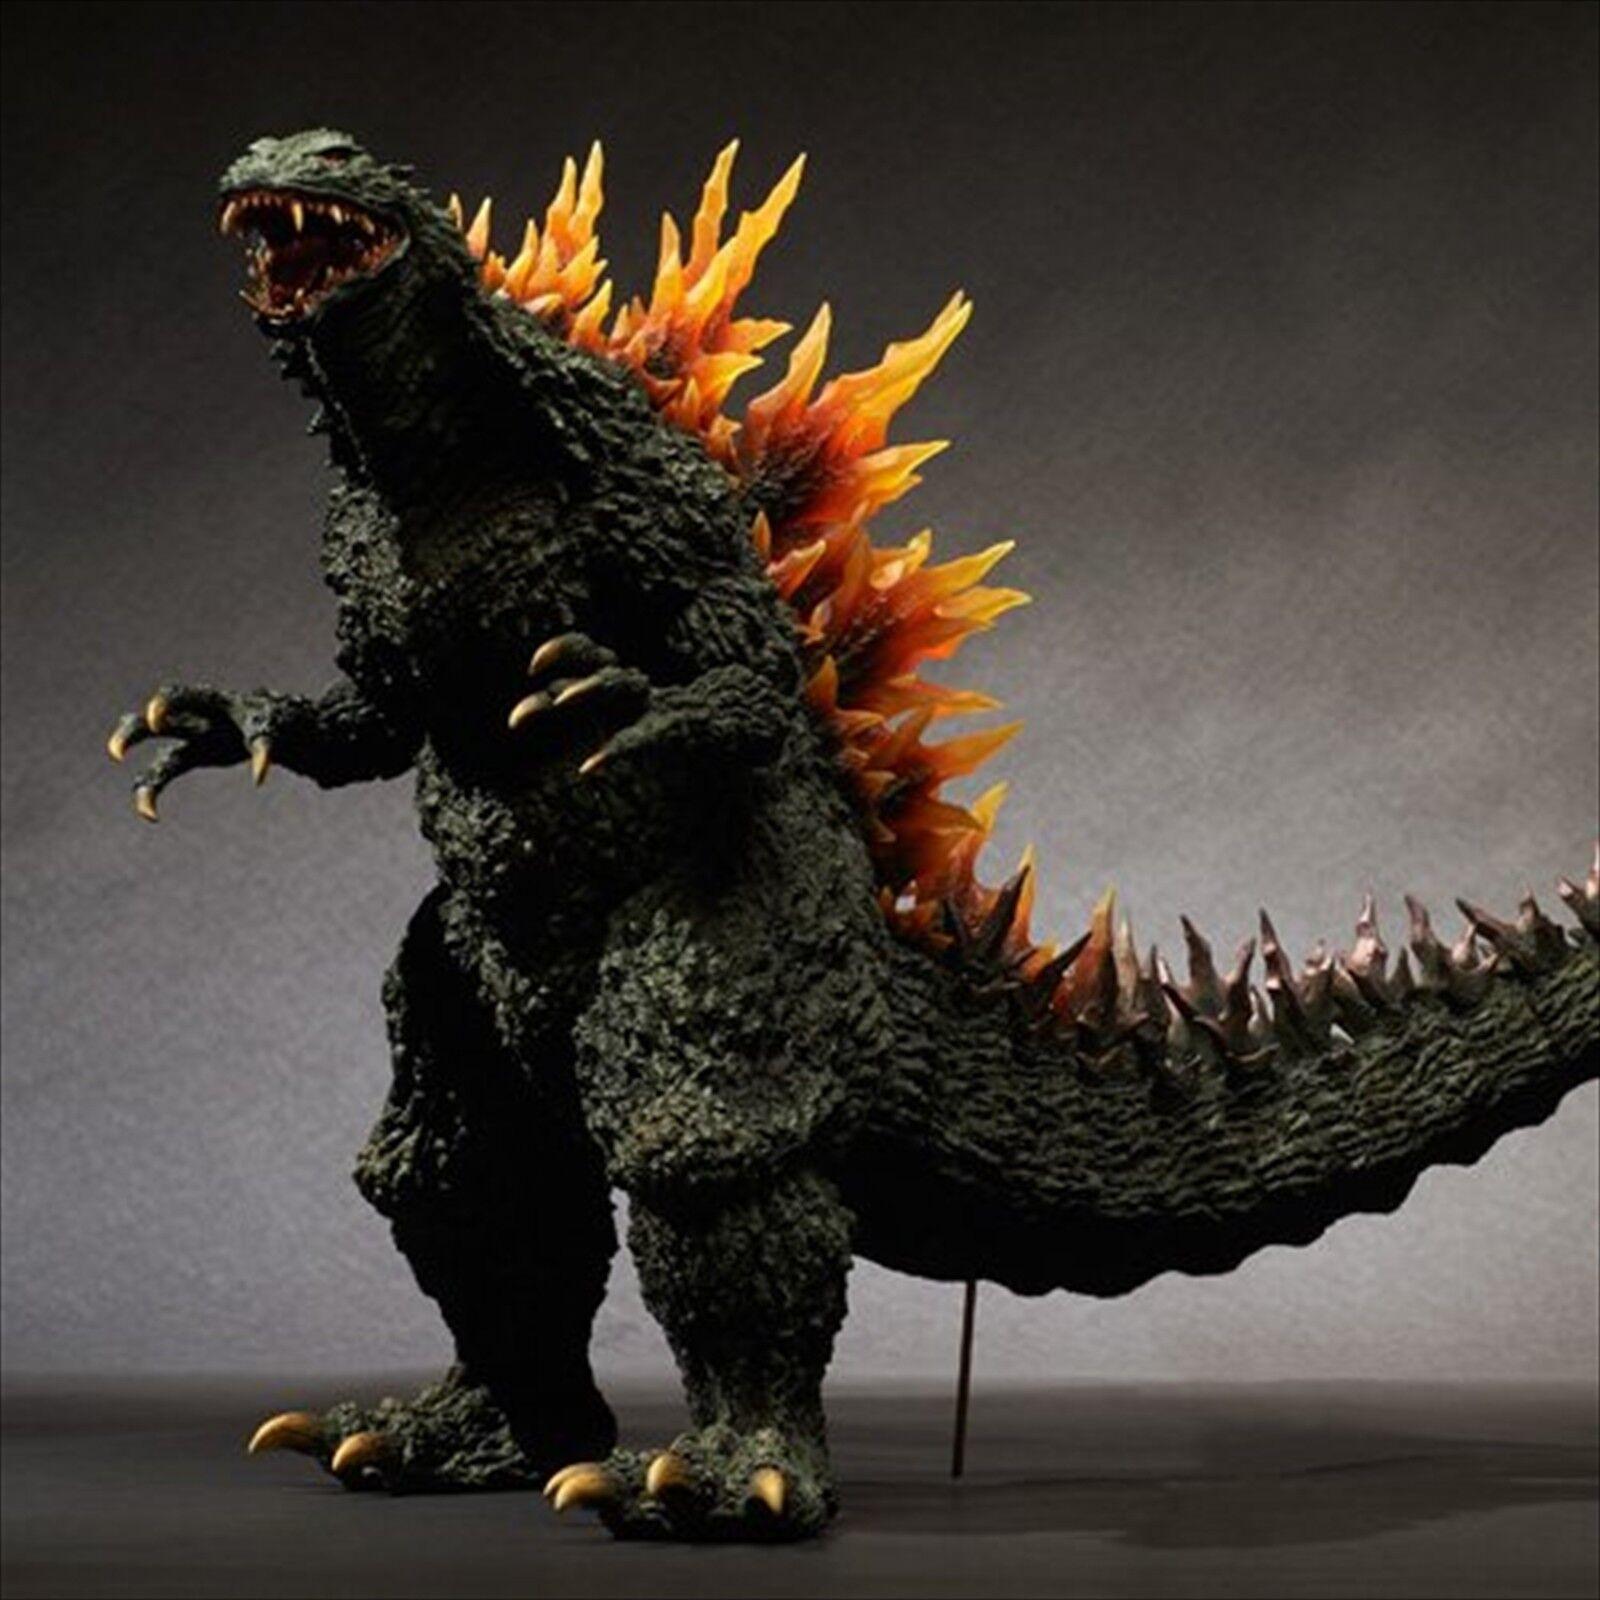 Godzilla 1999 gigantische yujisakai millenniums - transparentfinemission ricboy abbildung